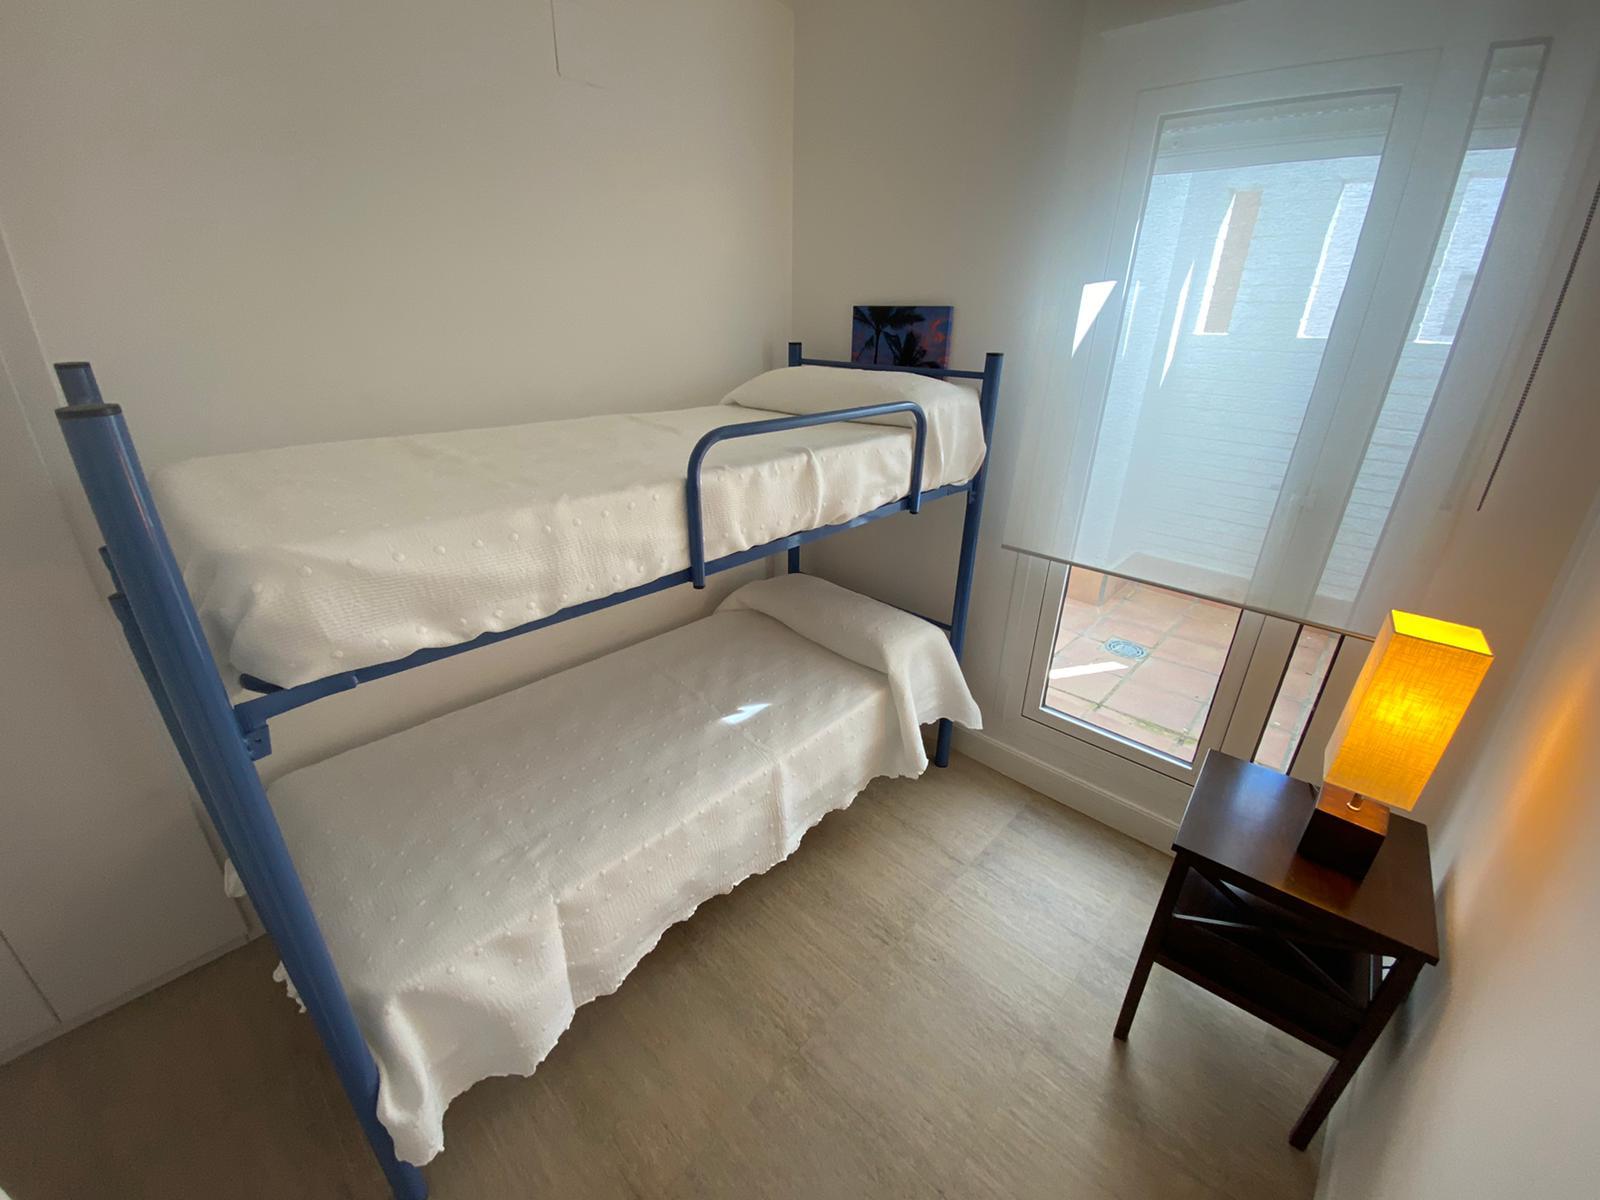 Imagen 34 del Apartamento Turístico, Ático 1 Poniente (3d+2b), Punta del Moral (HUELVA), Paseo de la Cruz nº22